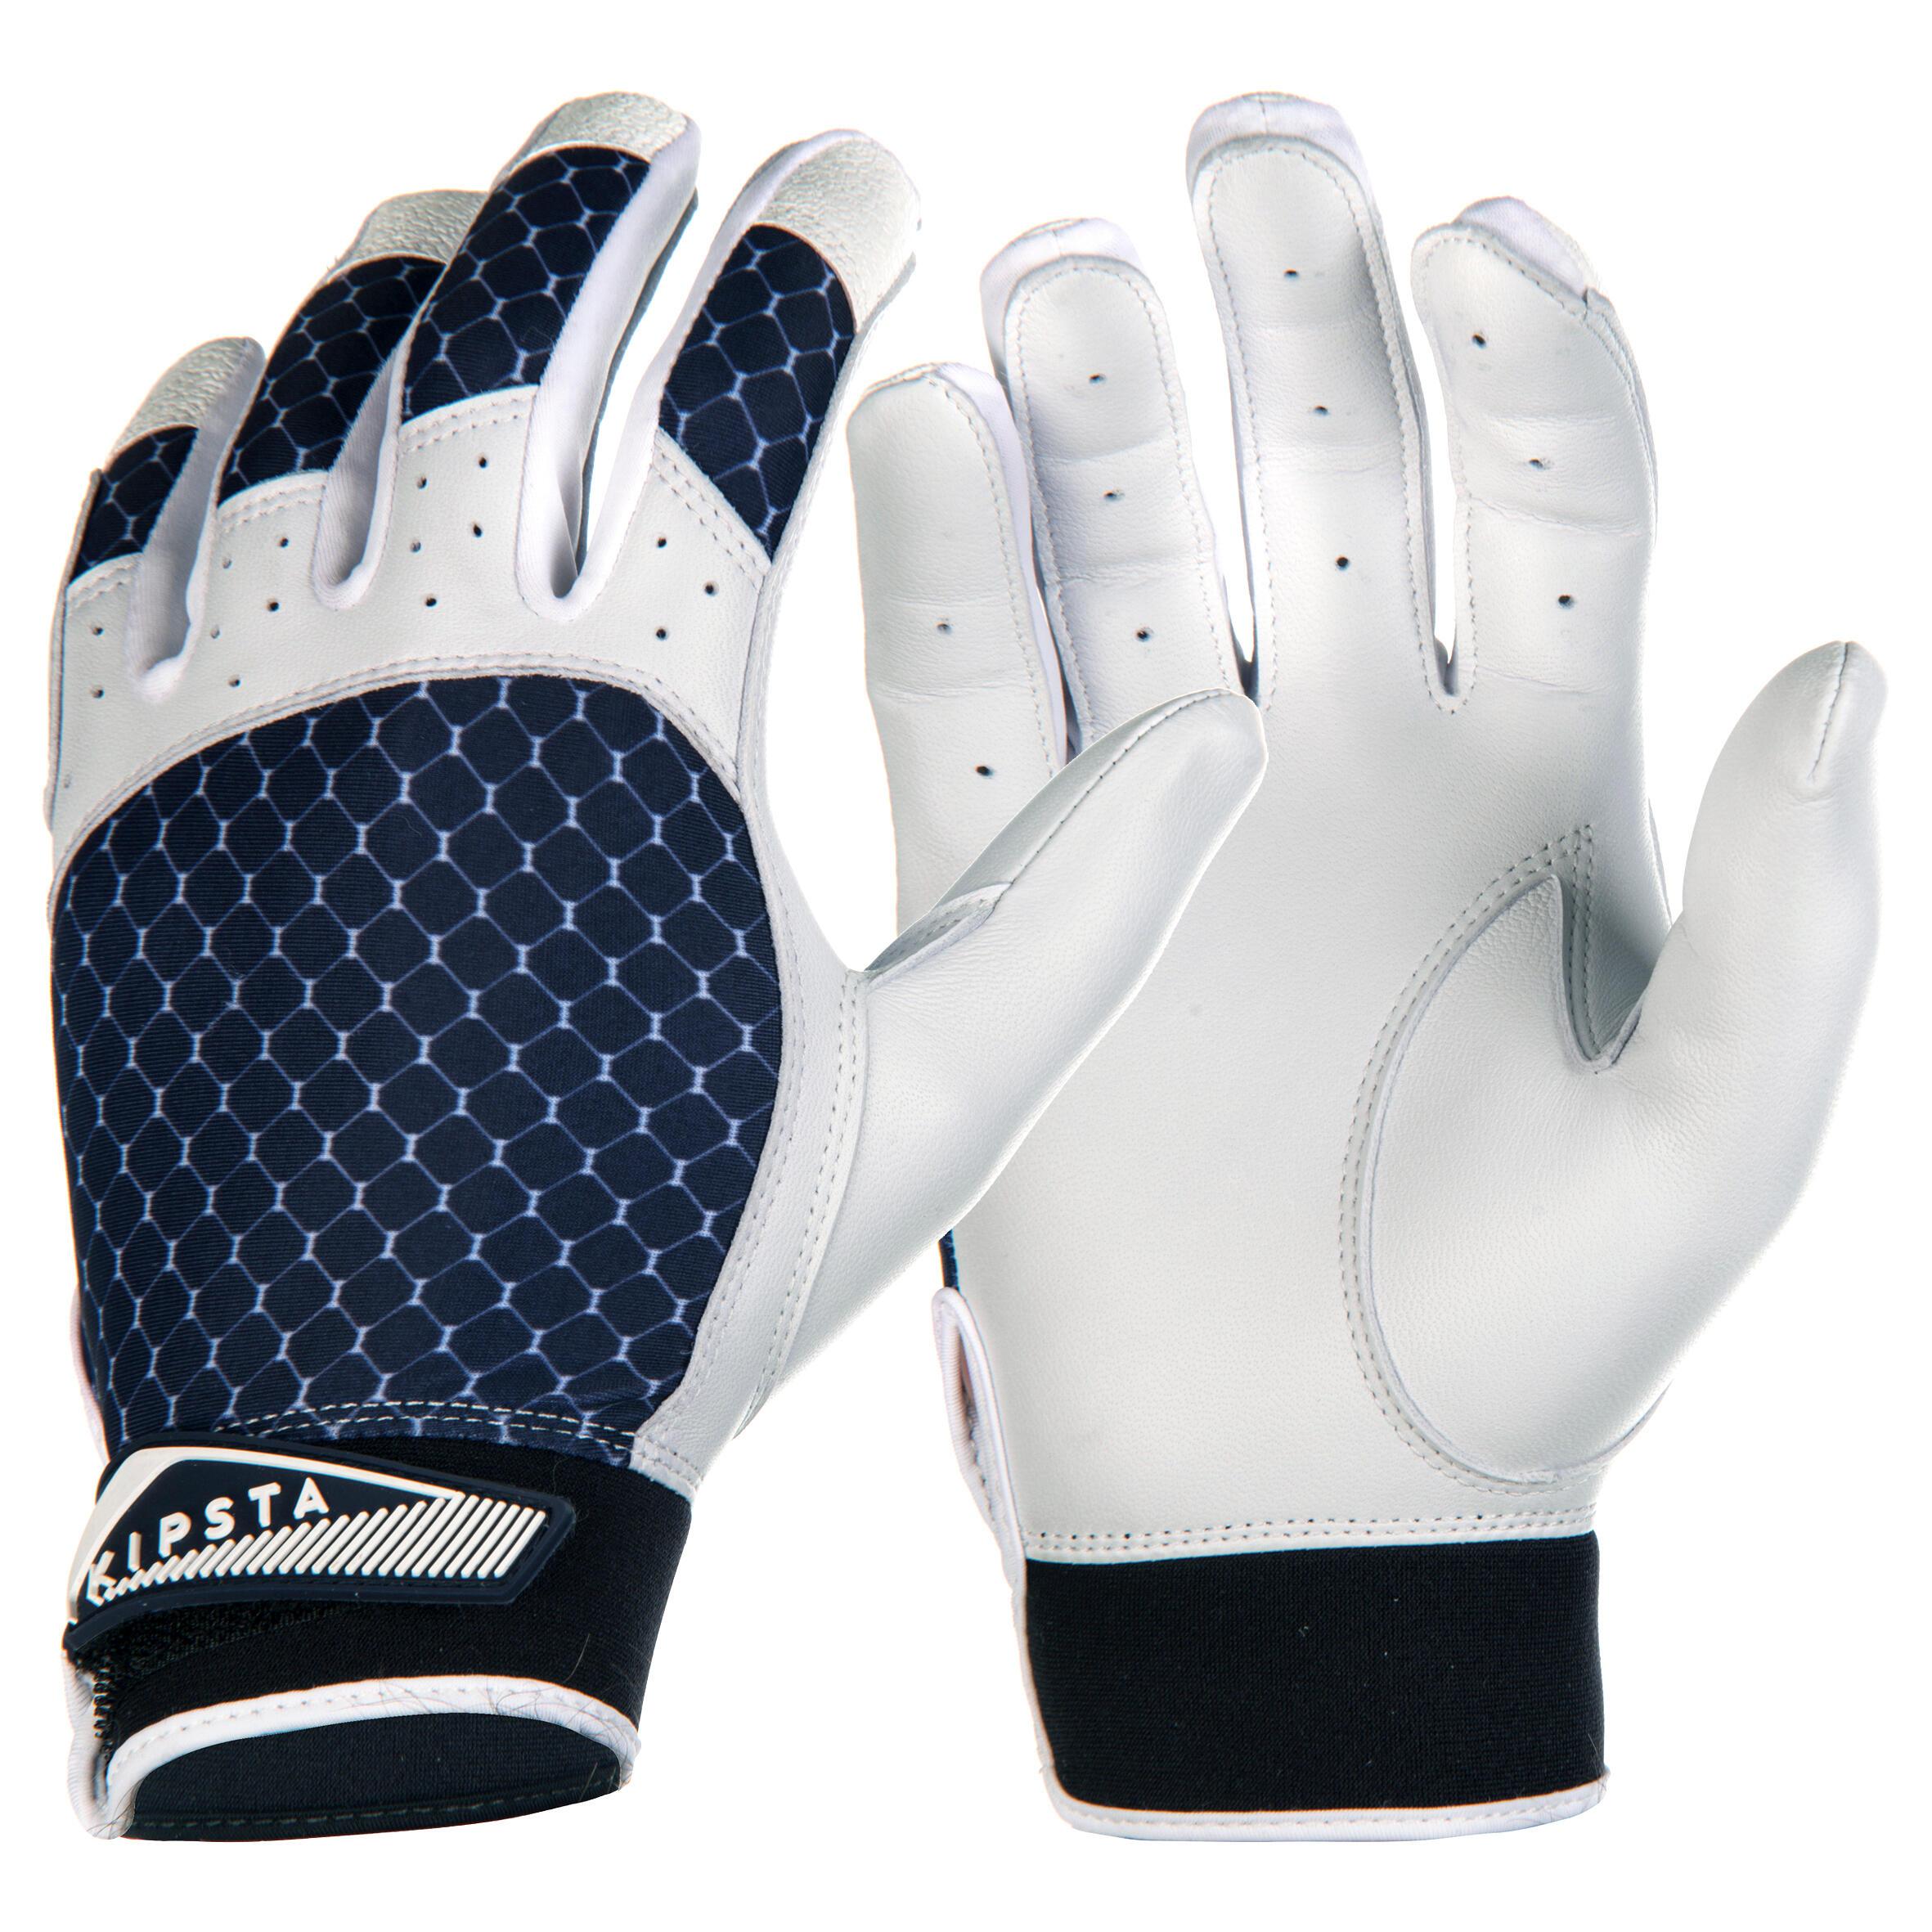 Kipsta Slaghandschoenen voor baseball BA 550 blauw